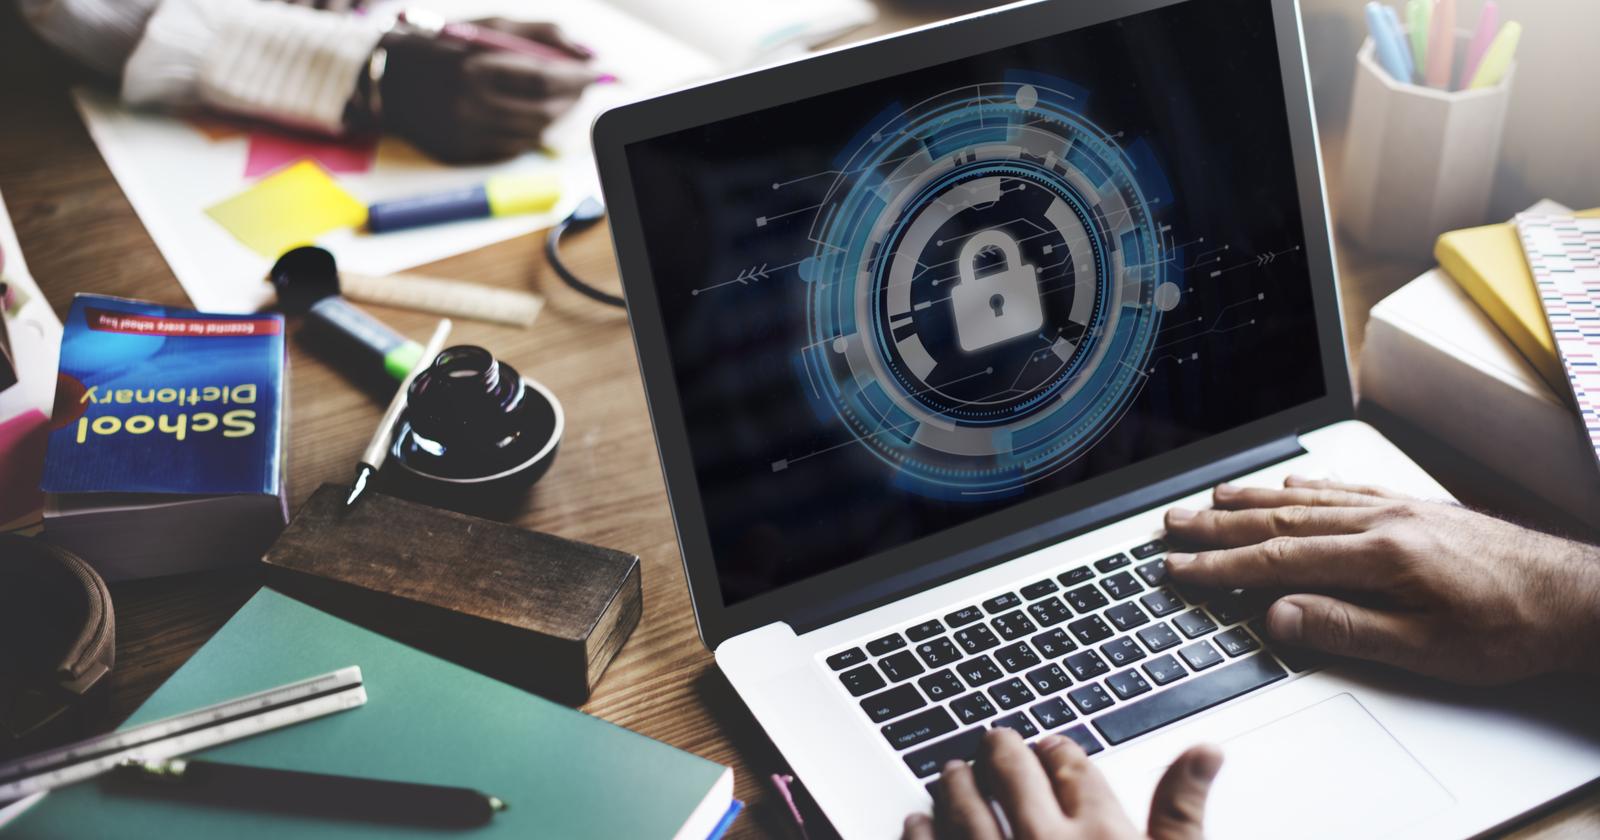 امنیت وب سایت | اقدامات اساسی برای حفاظت از سایت در برابر هکرها